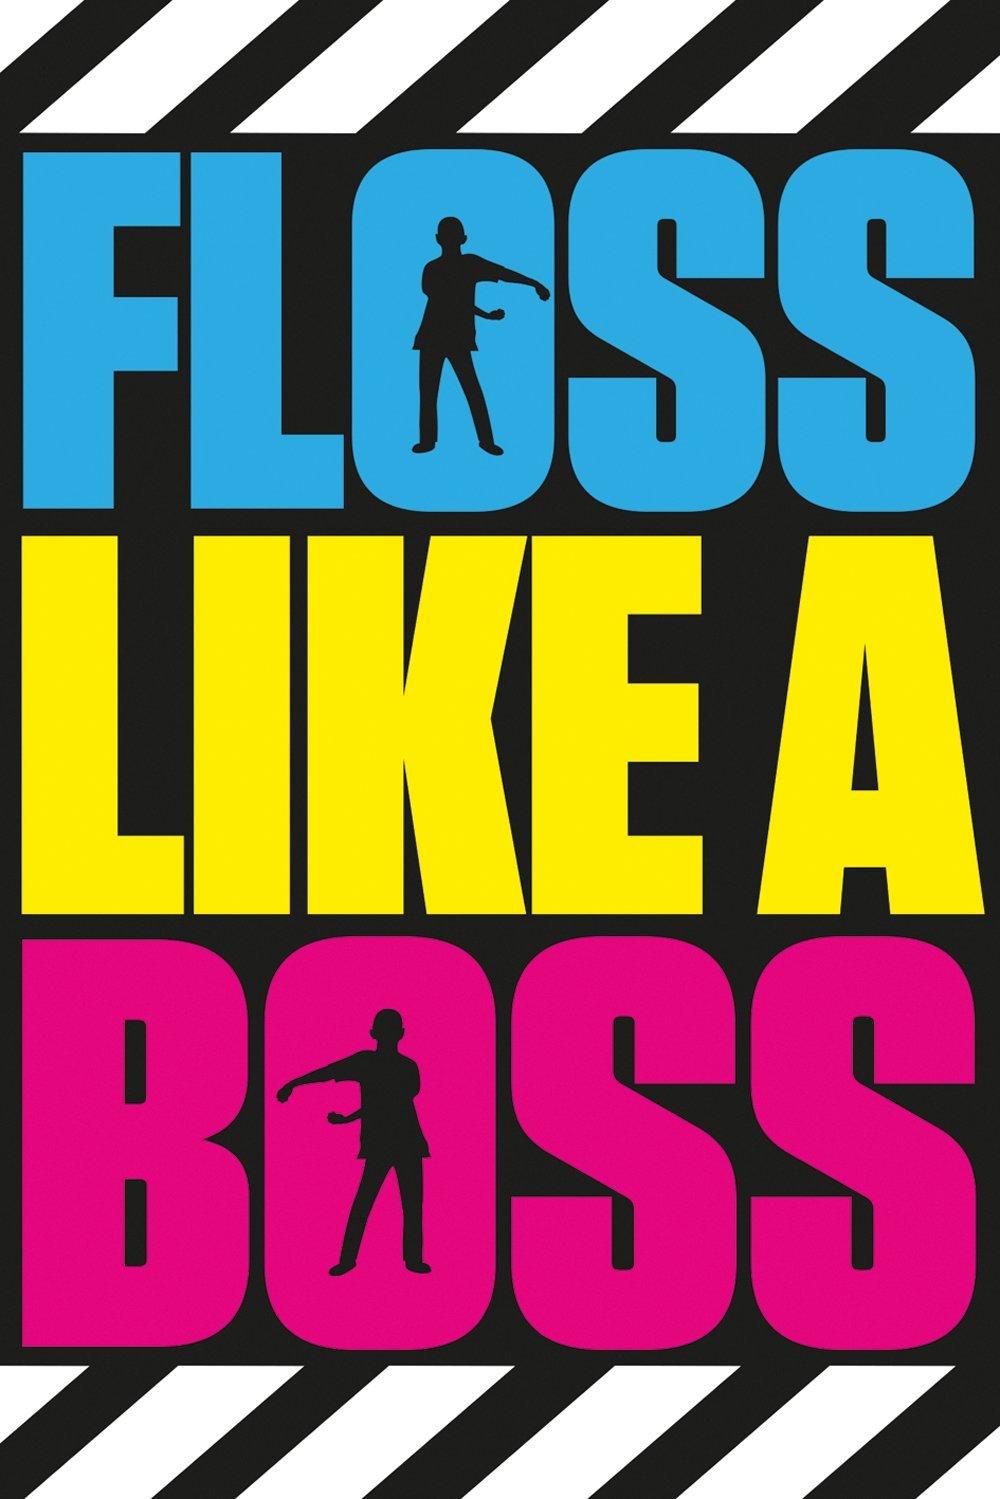 Battle Royale Maxi Poster - Floss Like A Boss (1001) image